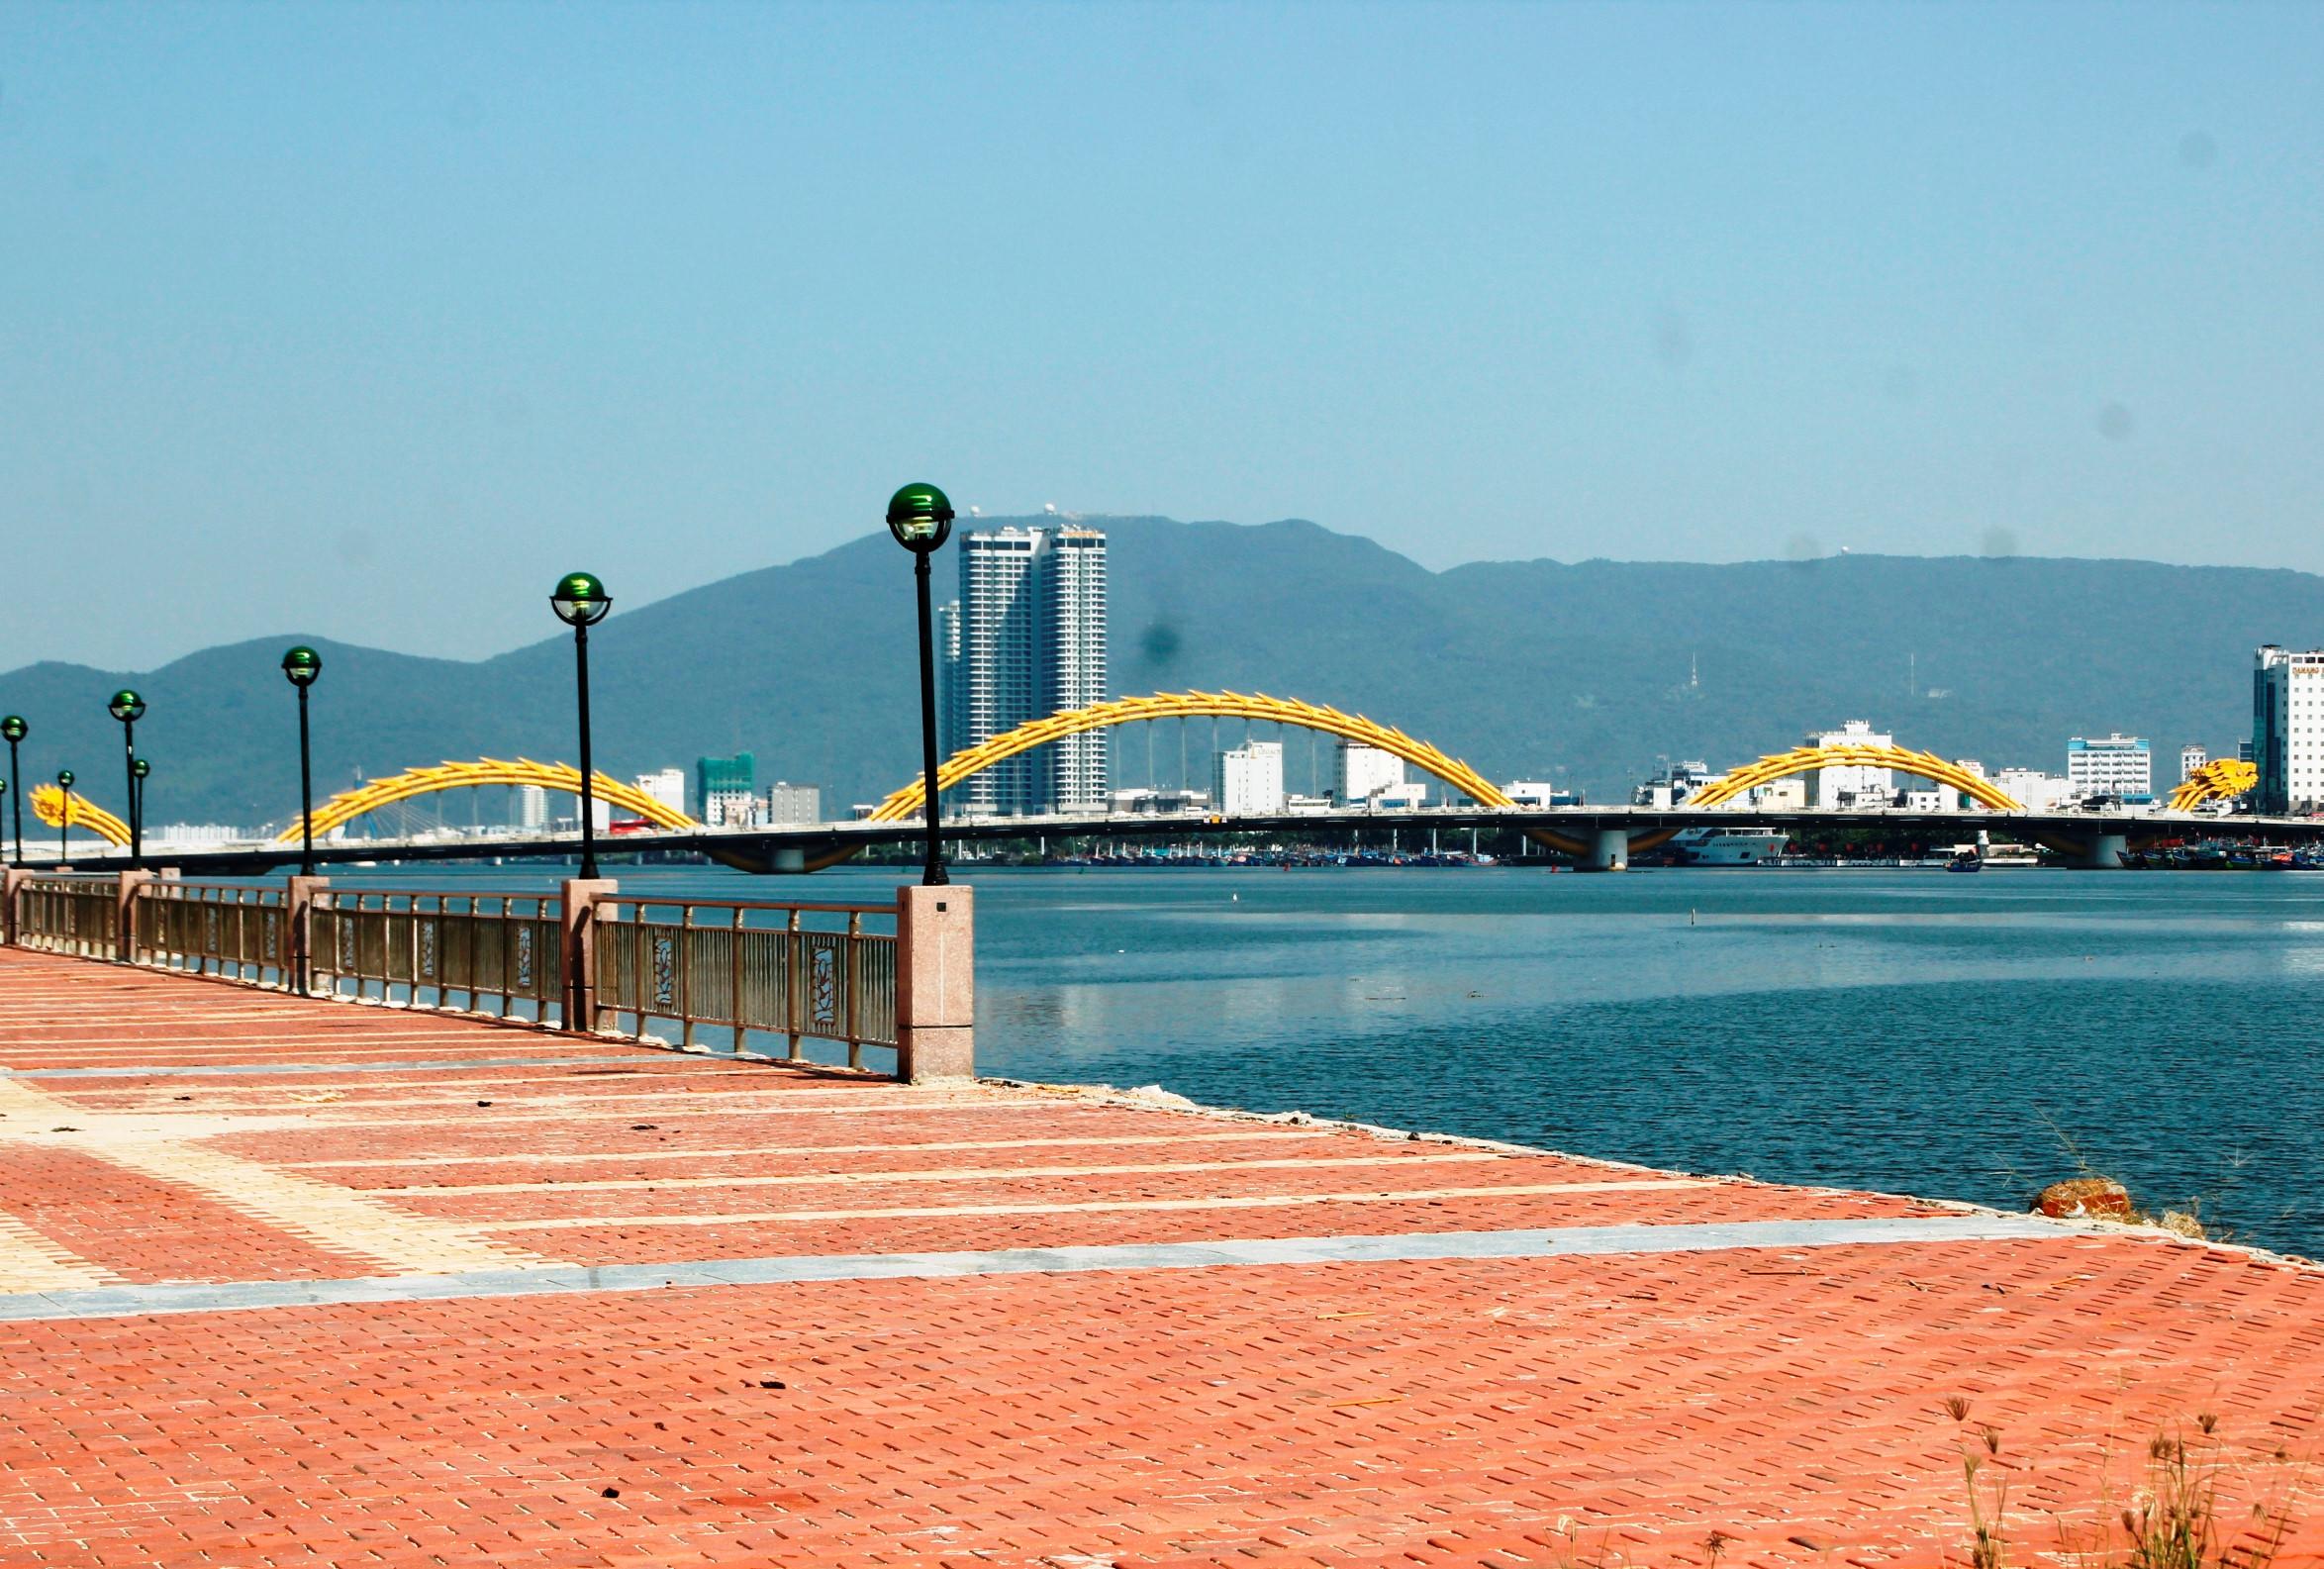 Cận cảnh khu đất tuyệt đẹp bên sông Hàn sắp thành phố đi bộ, chợ đêm Ảnh 1